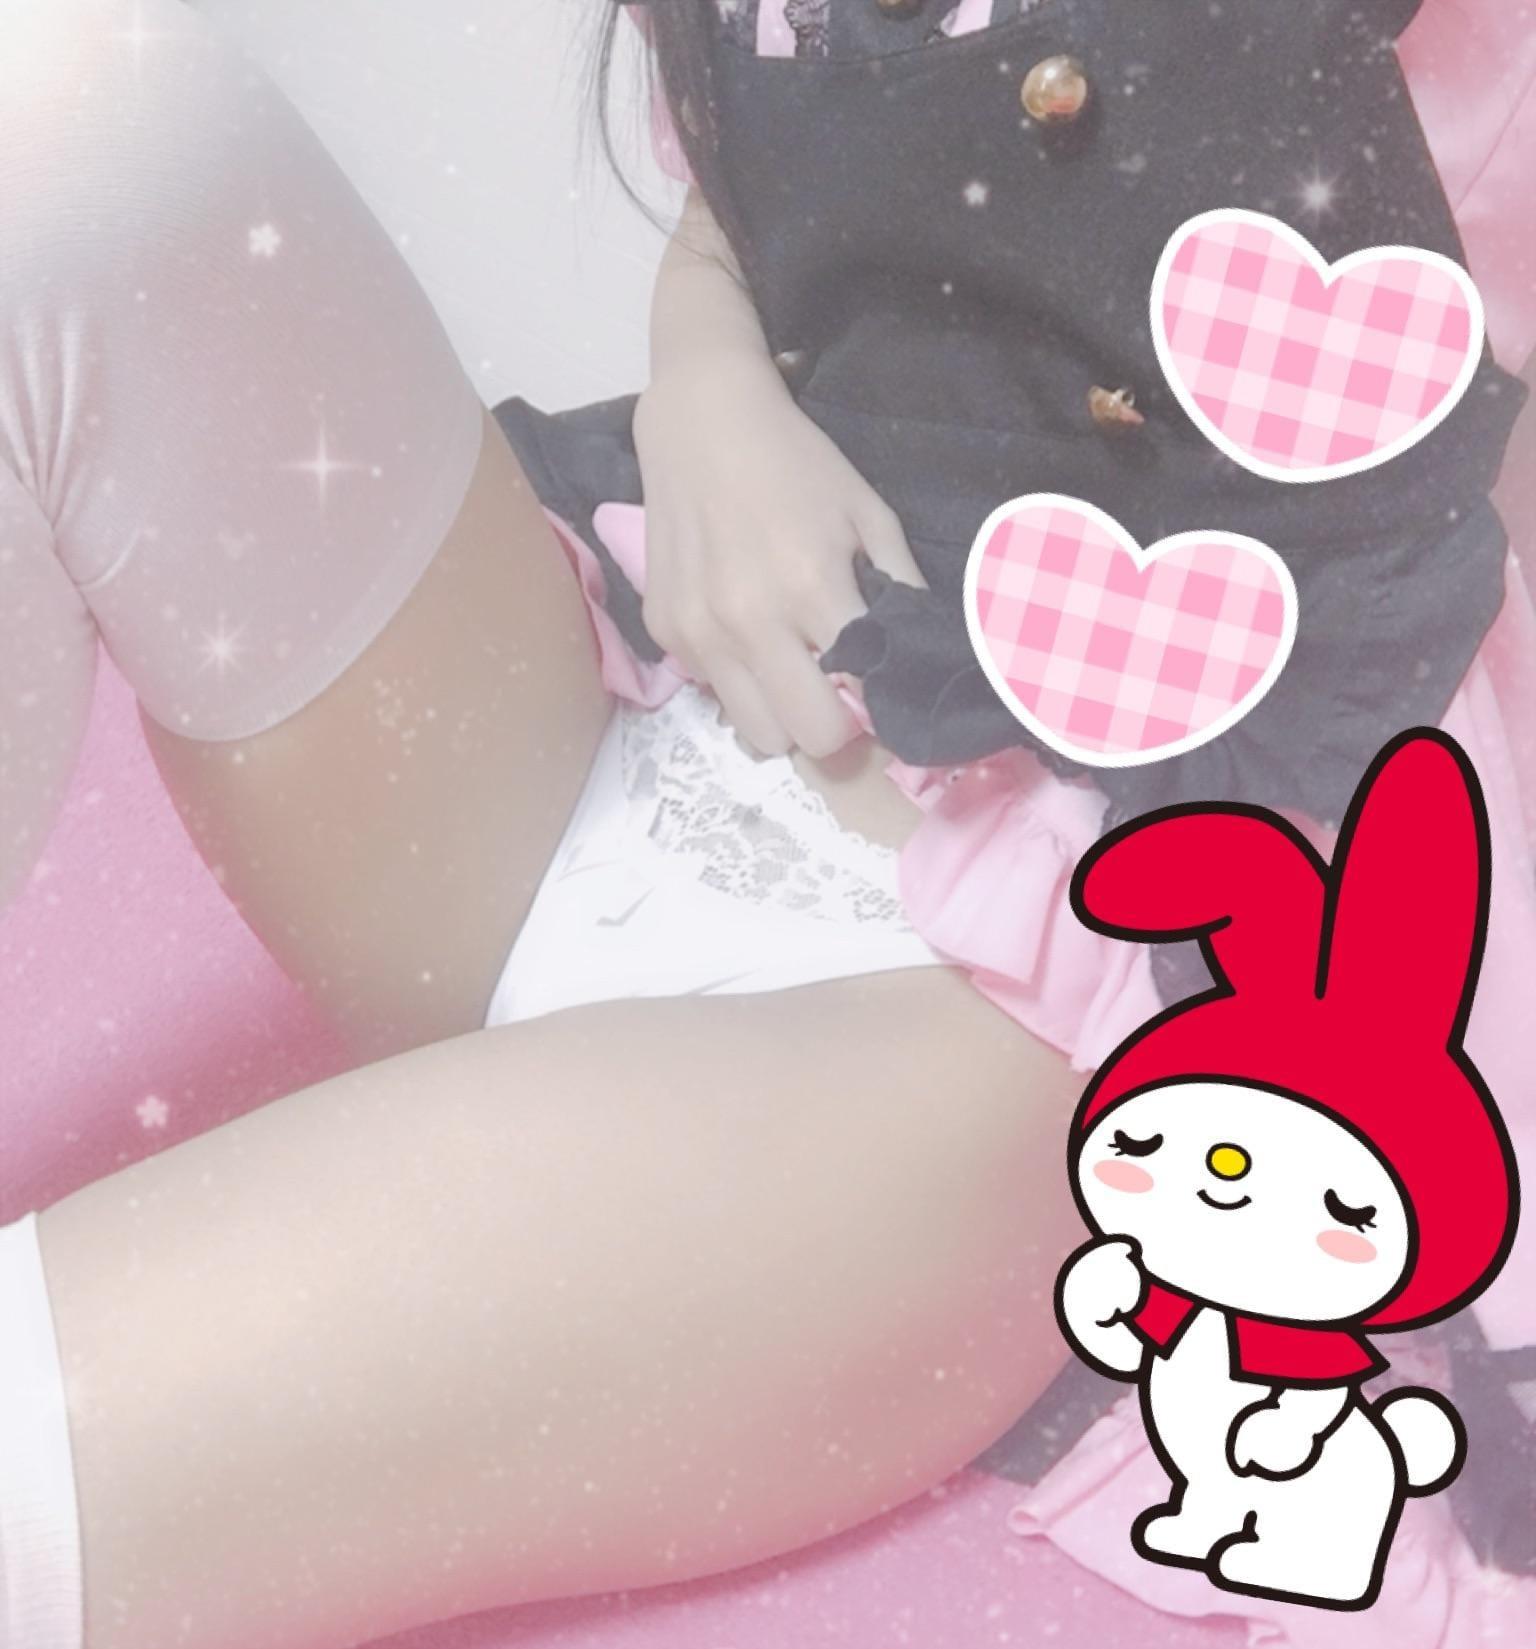 「♡ おれい」02/24(日) 03:21 | こころの写メ・風俗動画